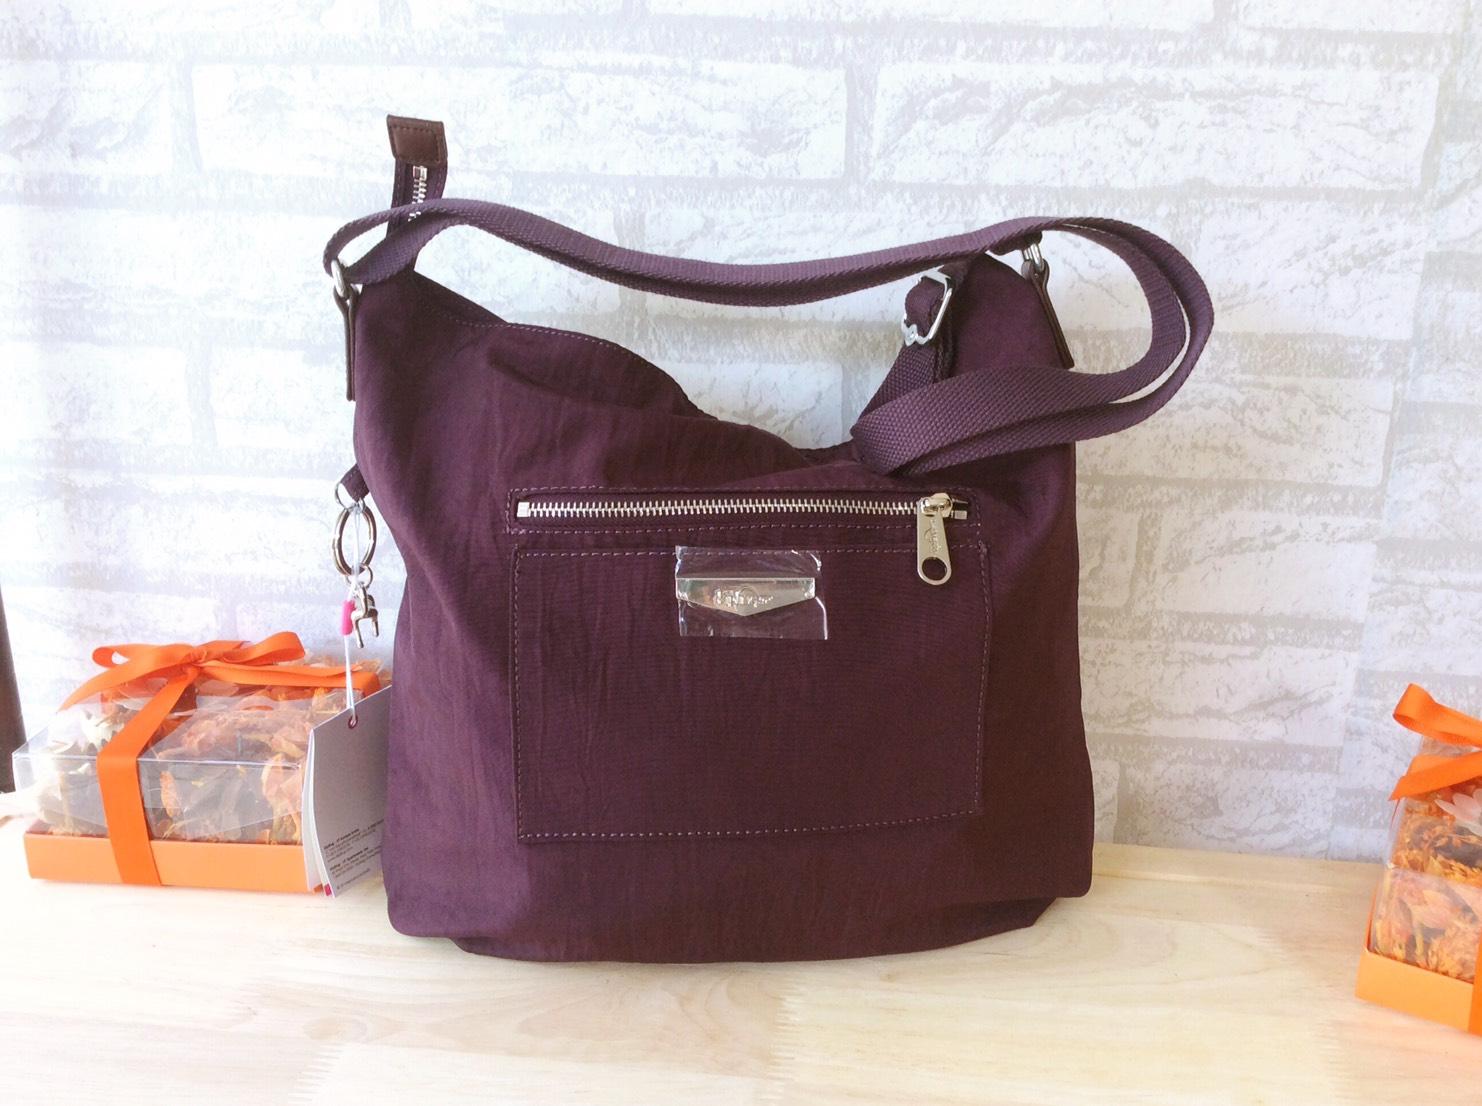 กระเป๋าสะพาย KIPLING K16662-19 สีม่วง ของแท้ จากโรงงาน โดดเด่นด้วยดีไซน์ ใช้งานง่าย สะพายเข้าได้ทุกสไตล์